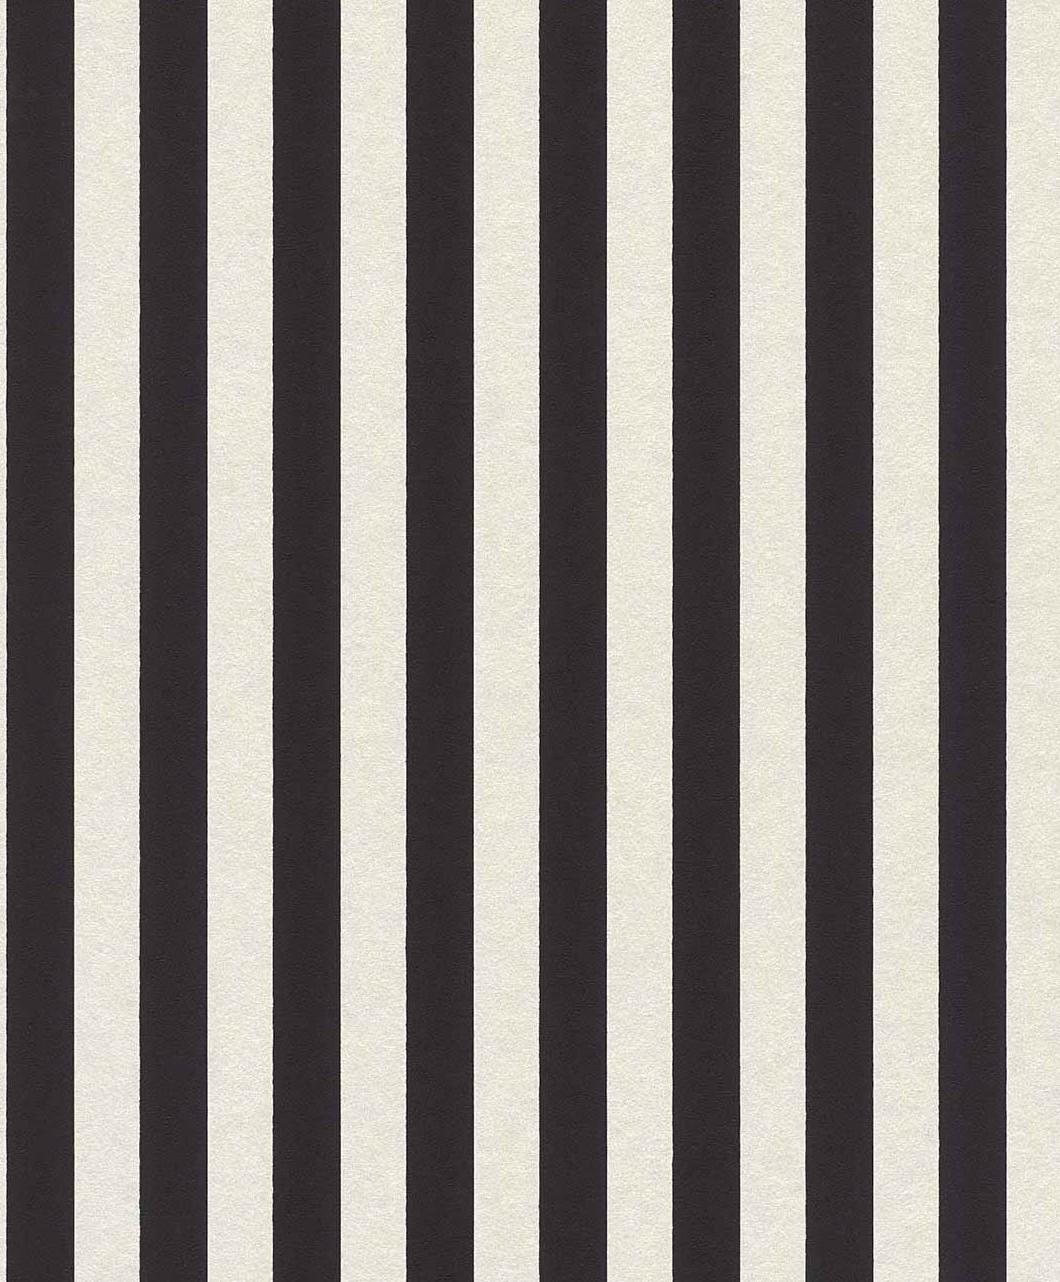 vliestapete streifen schmal schwarz wei glanz 361819. Black Bedroom Furniture Sets. Home Design Ideas